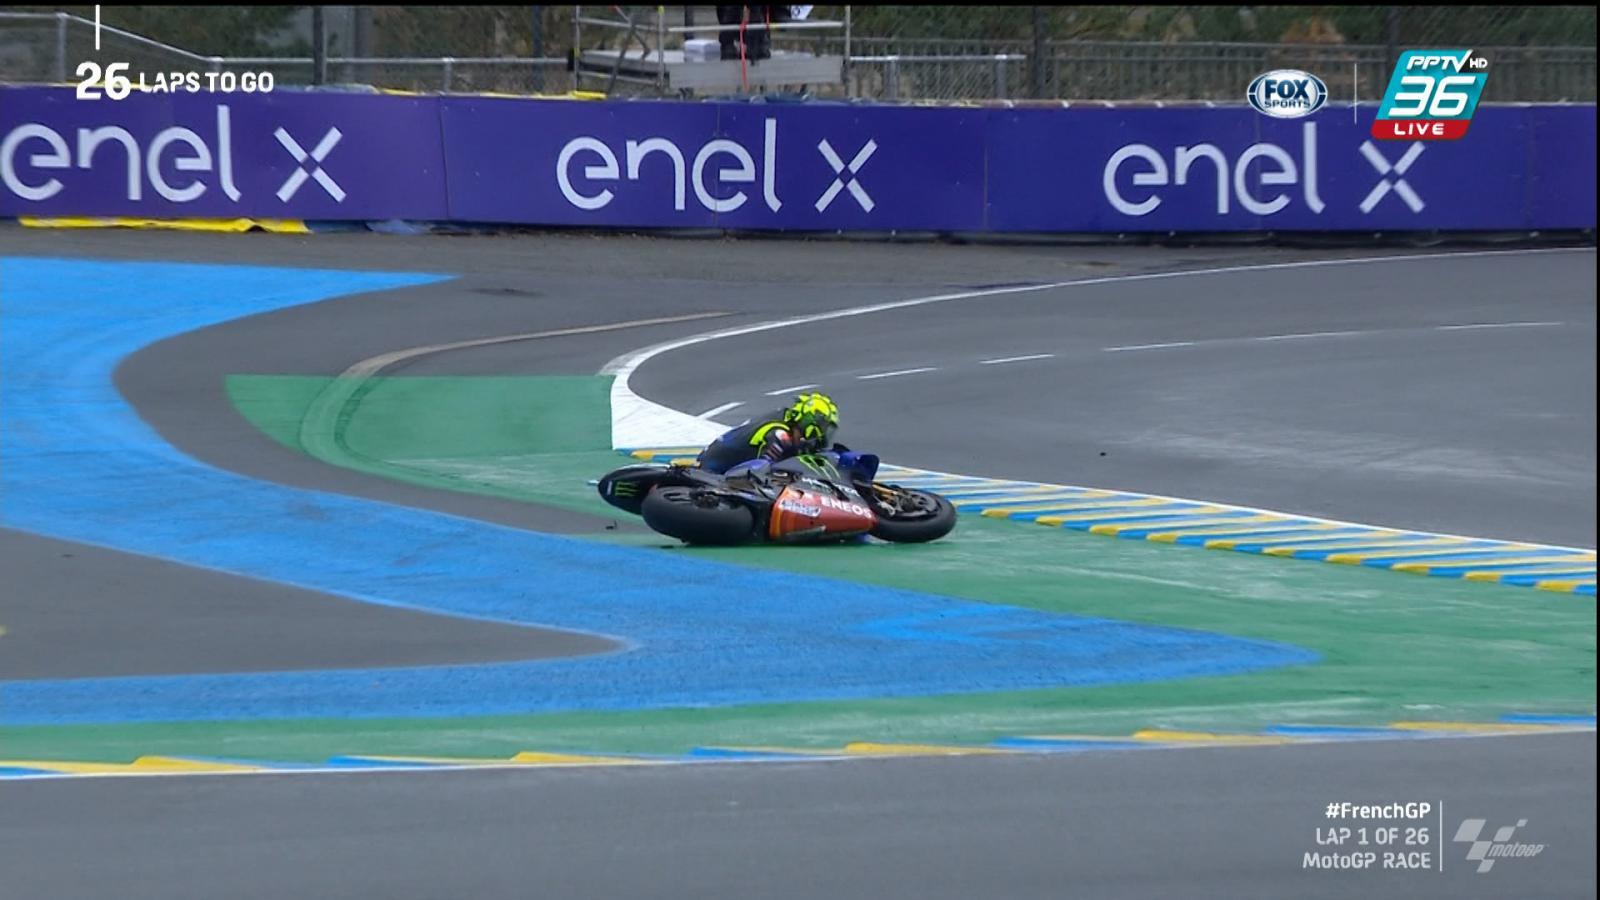 Valentino Rossi ยังไม่ทันพ้นรอบแรกก็ล้มไปก่อนแล้วในโค้งที่ 3